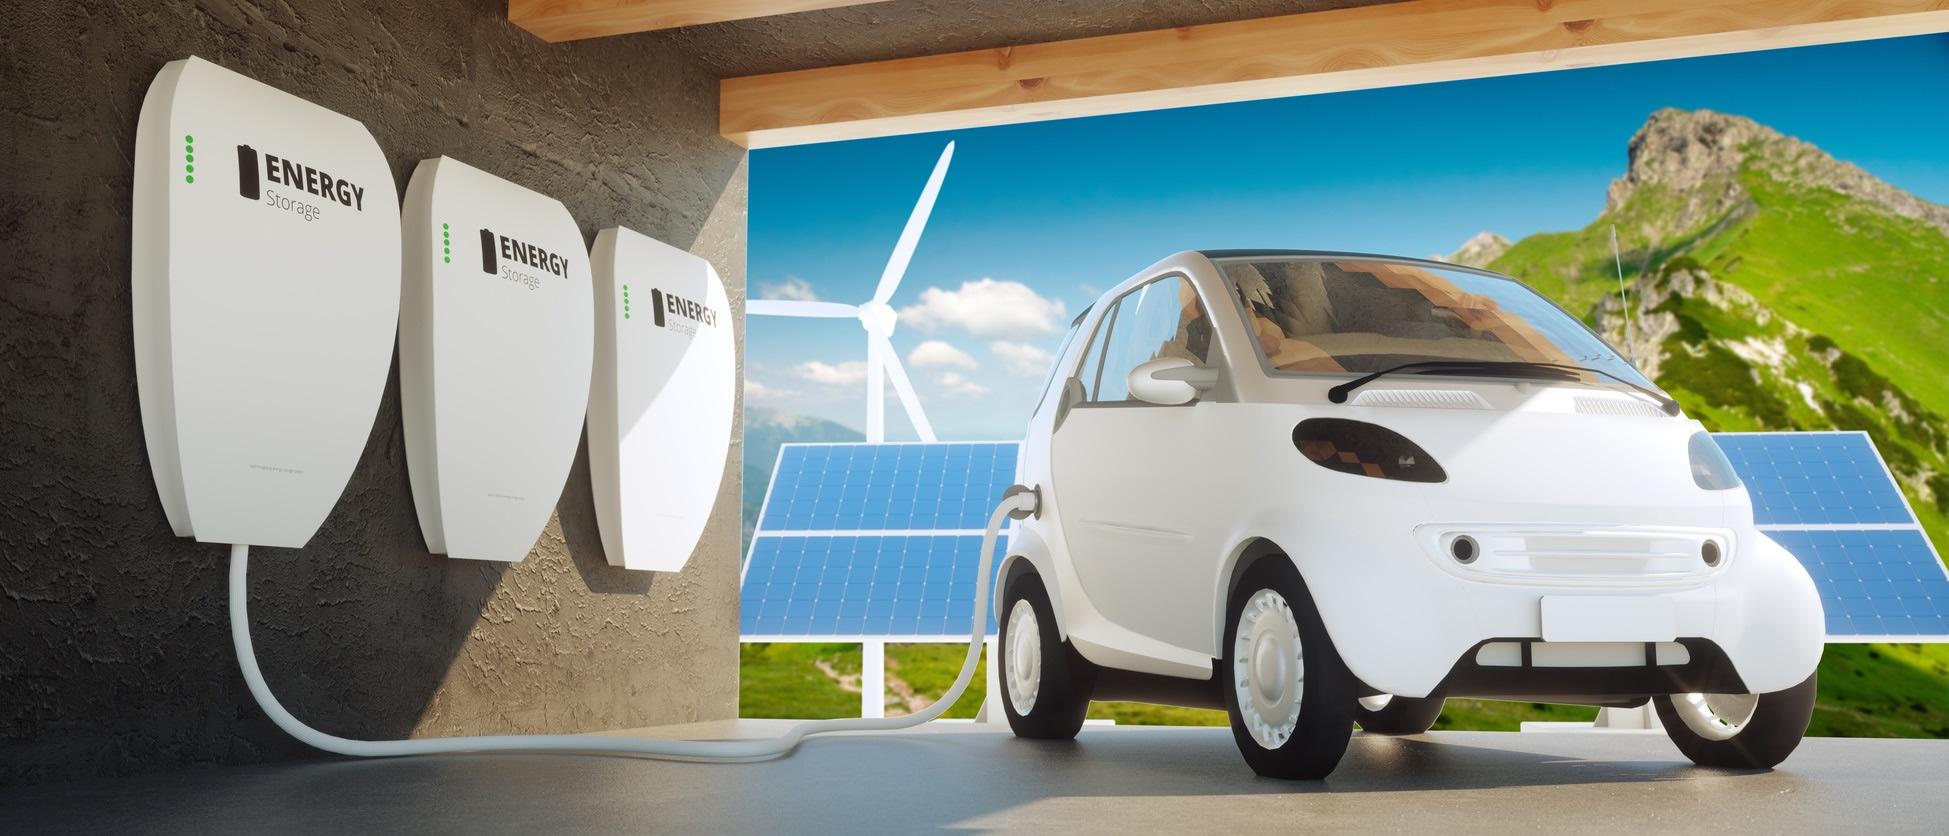 Vehículo Eléctrico Vs Tradicional, El Modelo Energético Marca La Diferencia